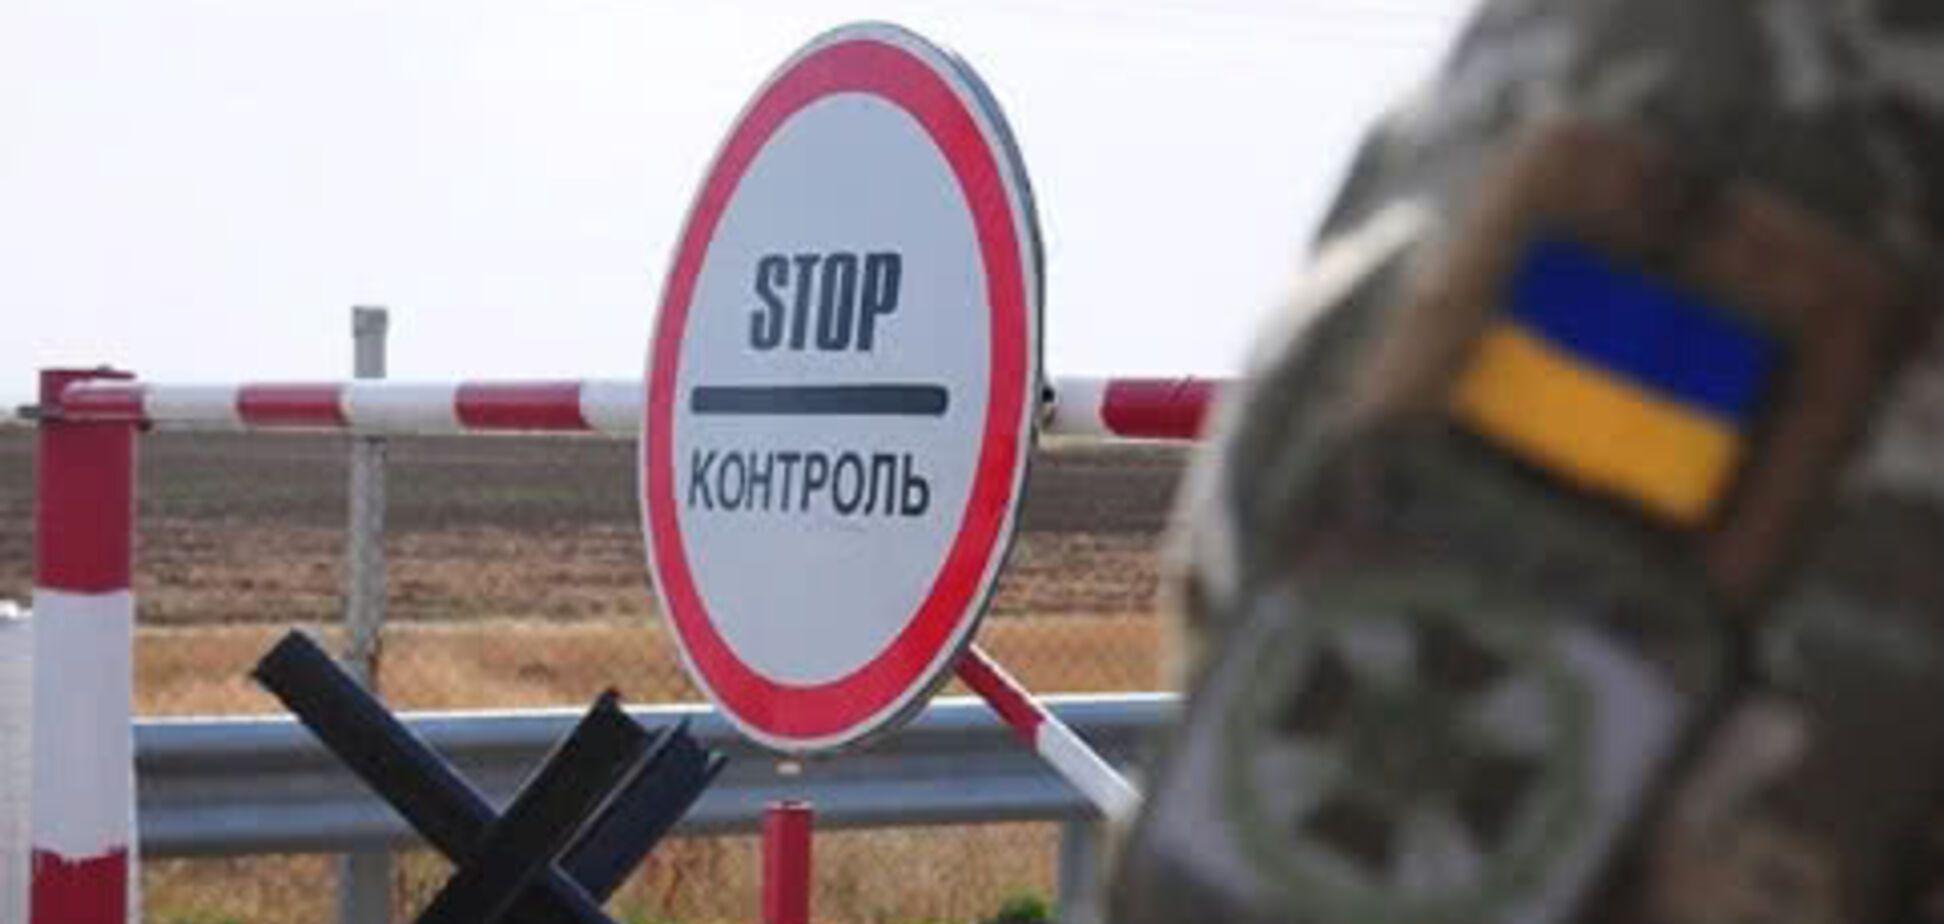 Украина из-за коронавируса закрывает границы: куда и когда еще можна уехать